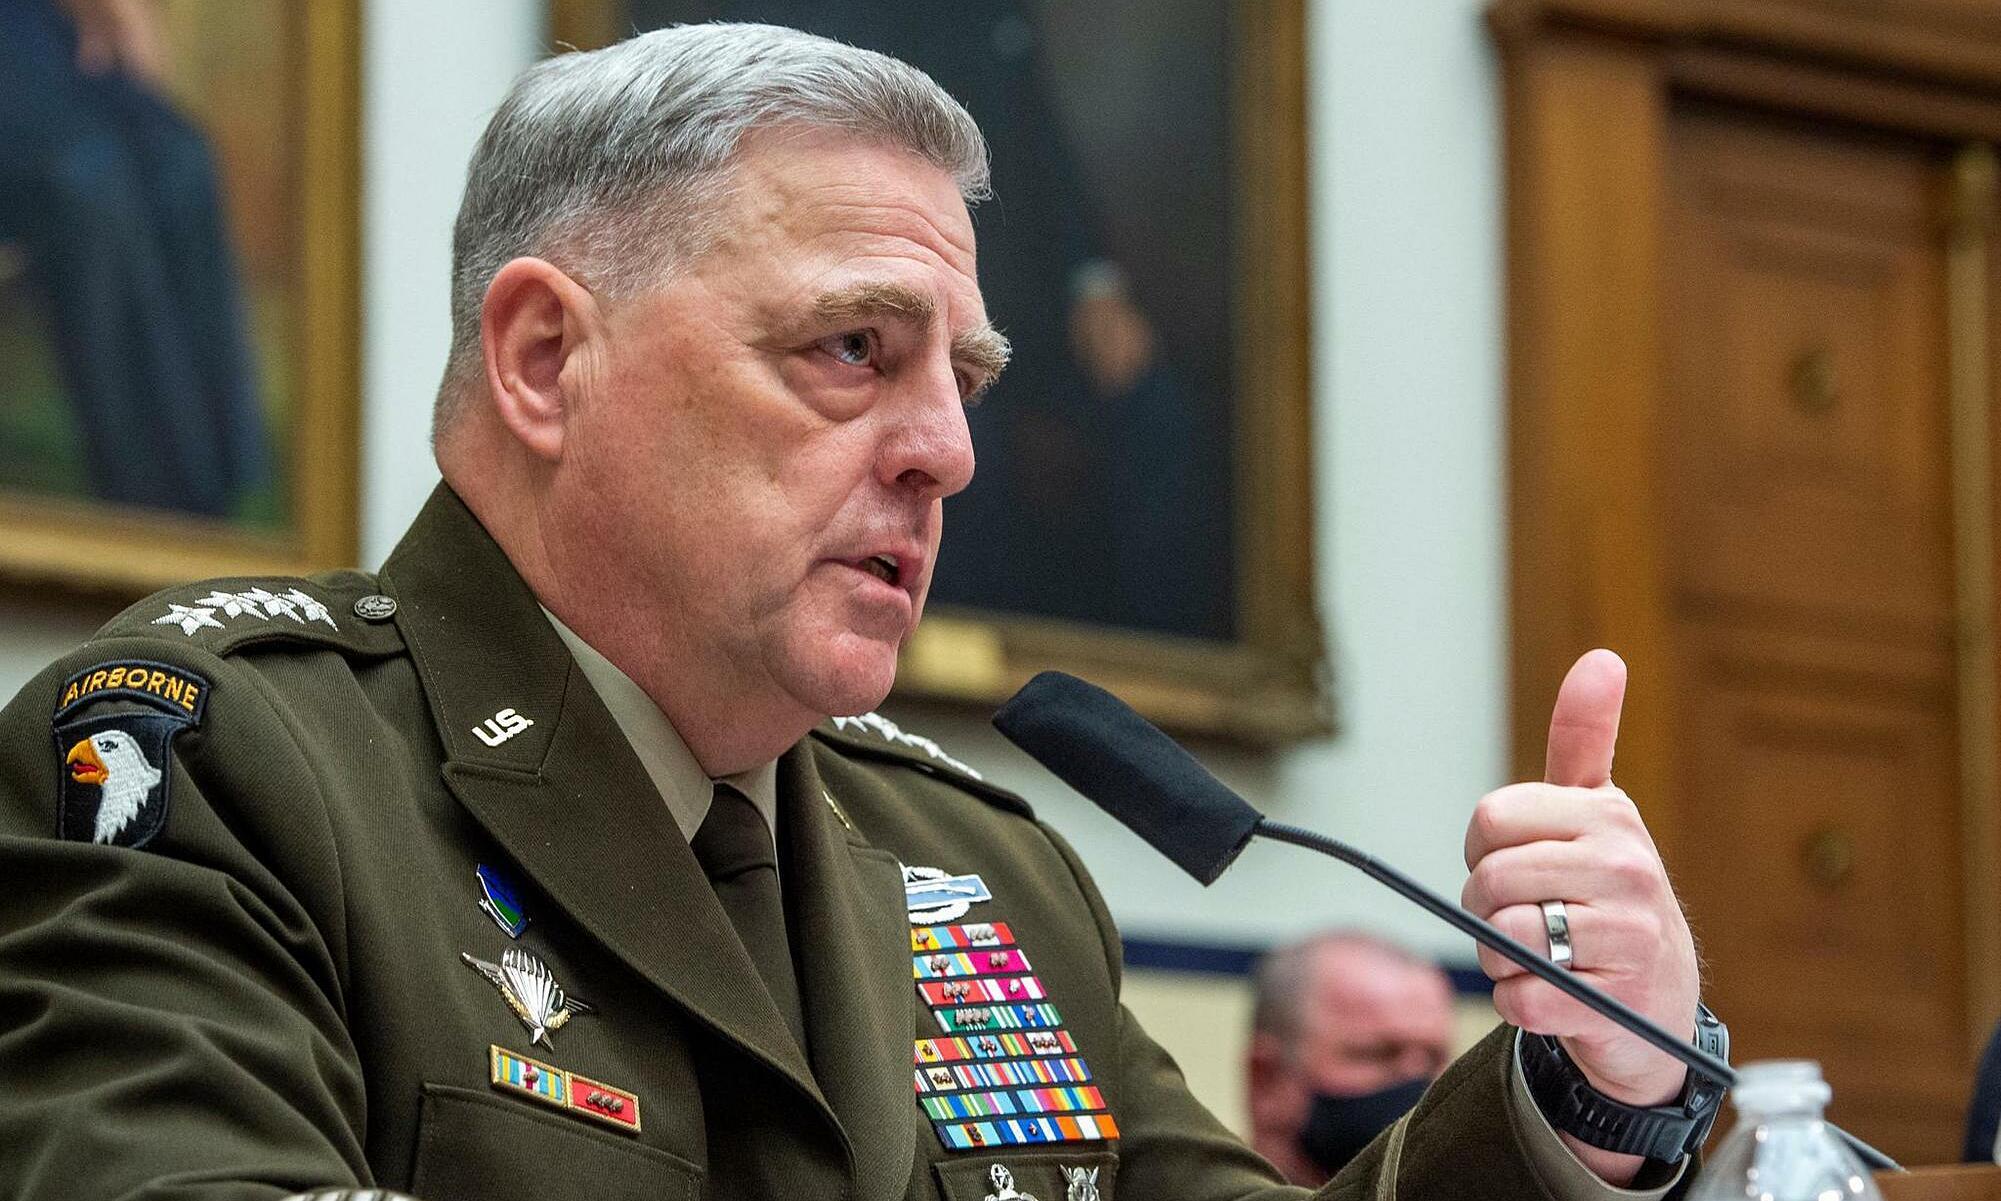 Tướng Mark Milley, Chủ tịch Hội đồng Tham mưu trưởng Liên quân Mỹ, trả lời điều trần tại Ủy ban Quân vụ Hạ viện vào ngày 29/9. Ảnh: Reuters.